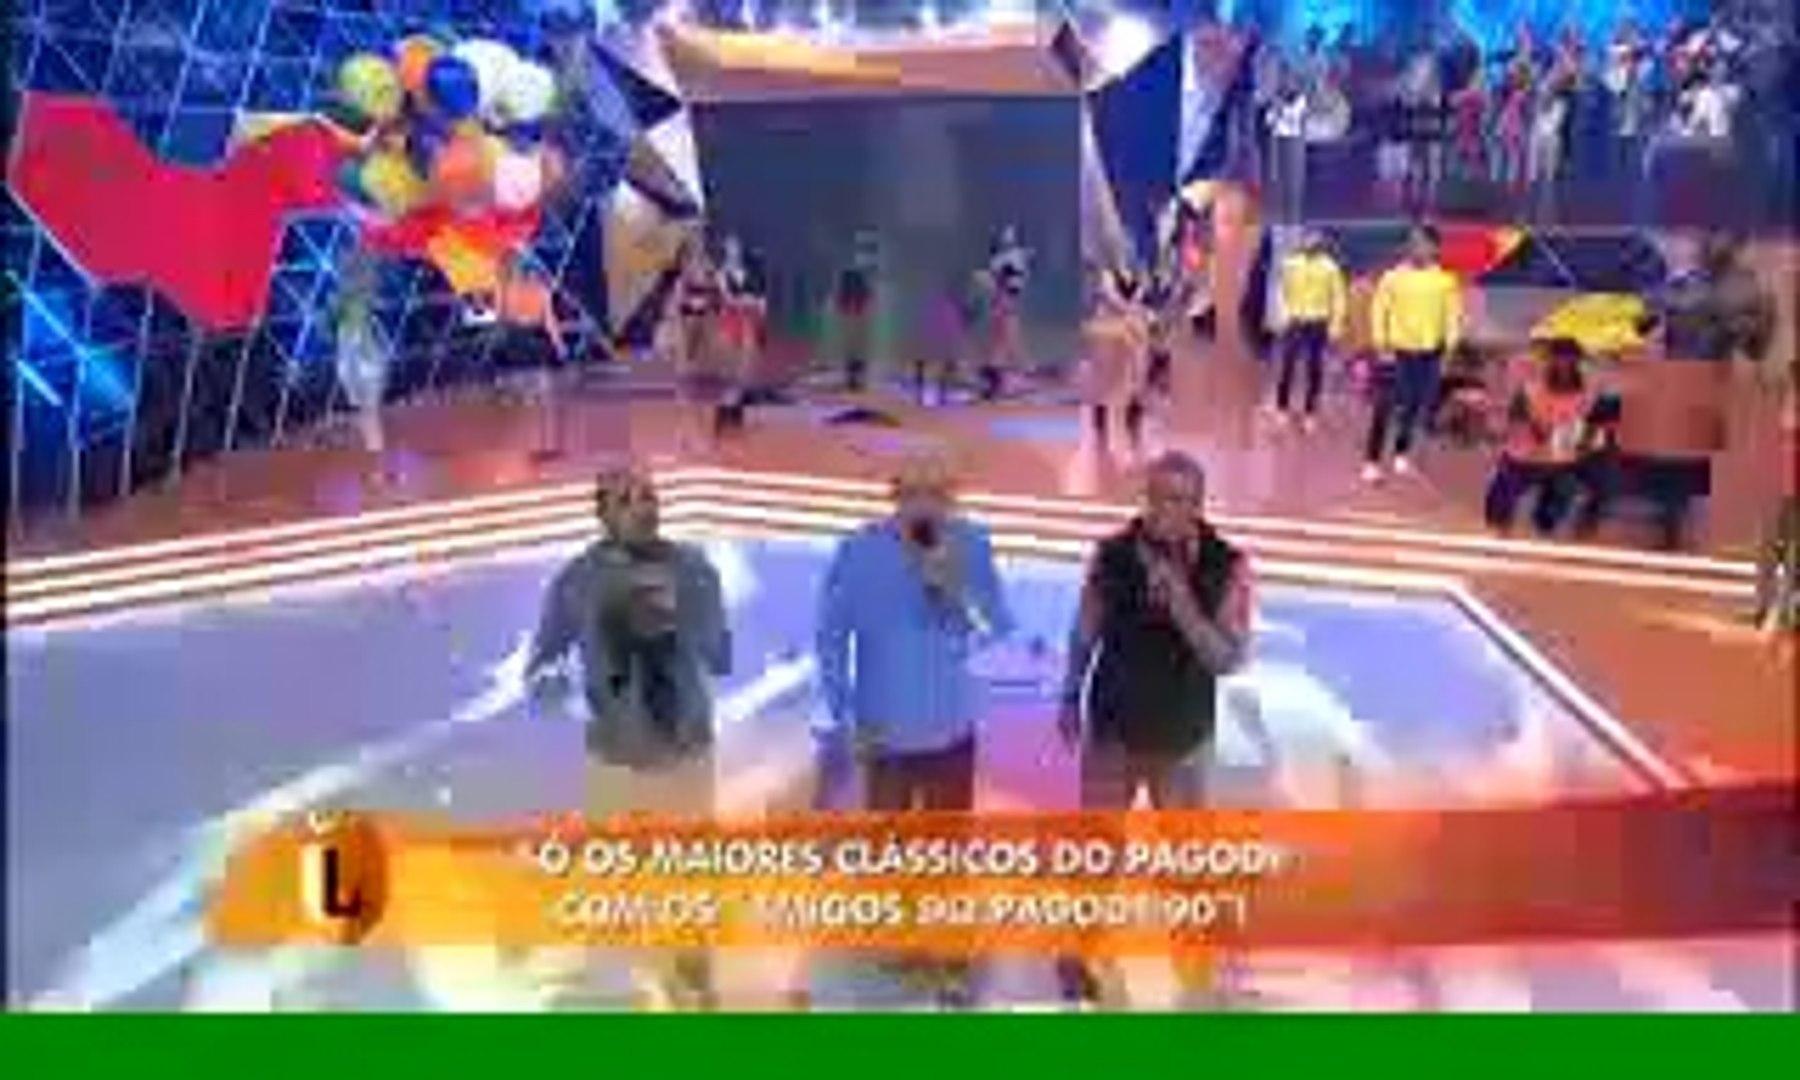 TV Record 2014-08-31 Legendarios Amigos do Pagode 90 (1)